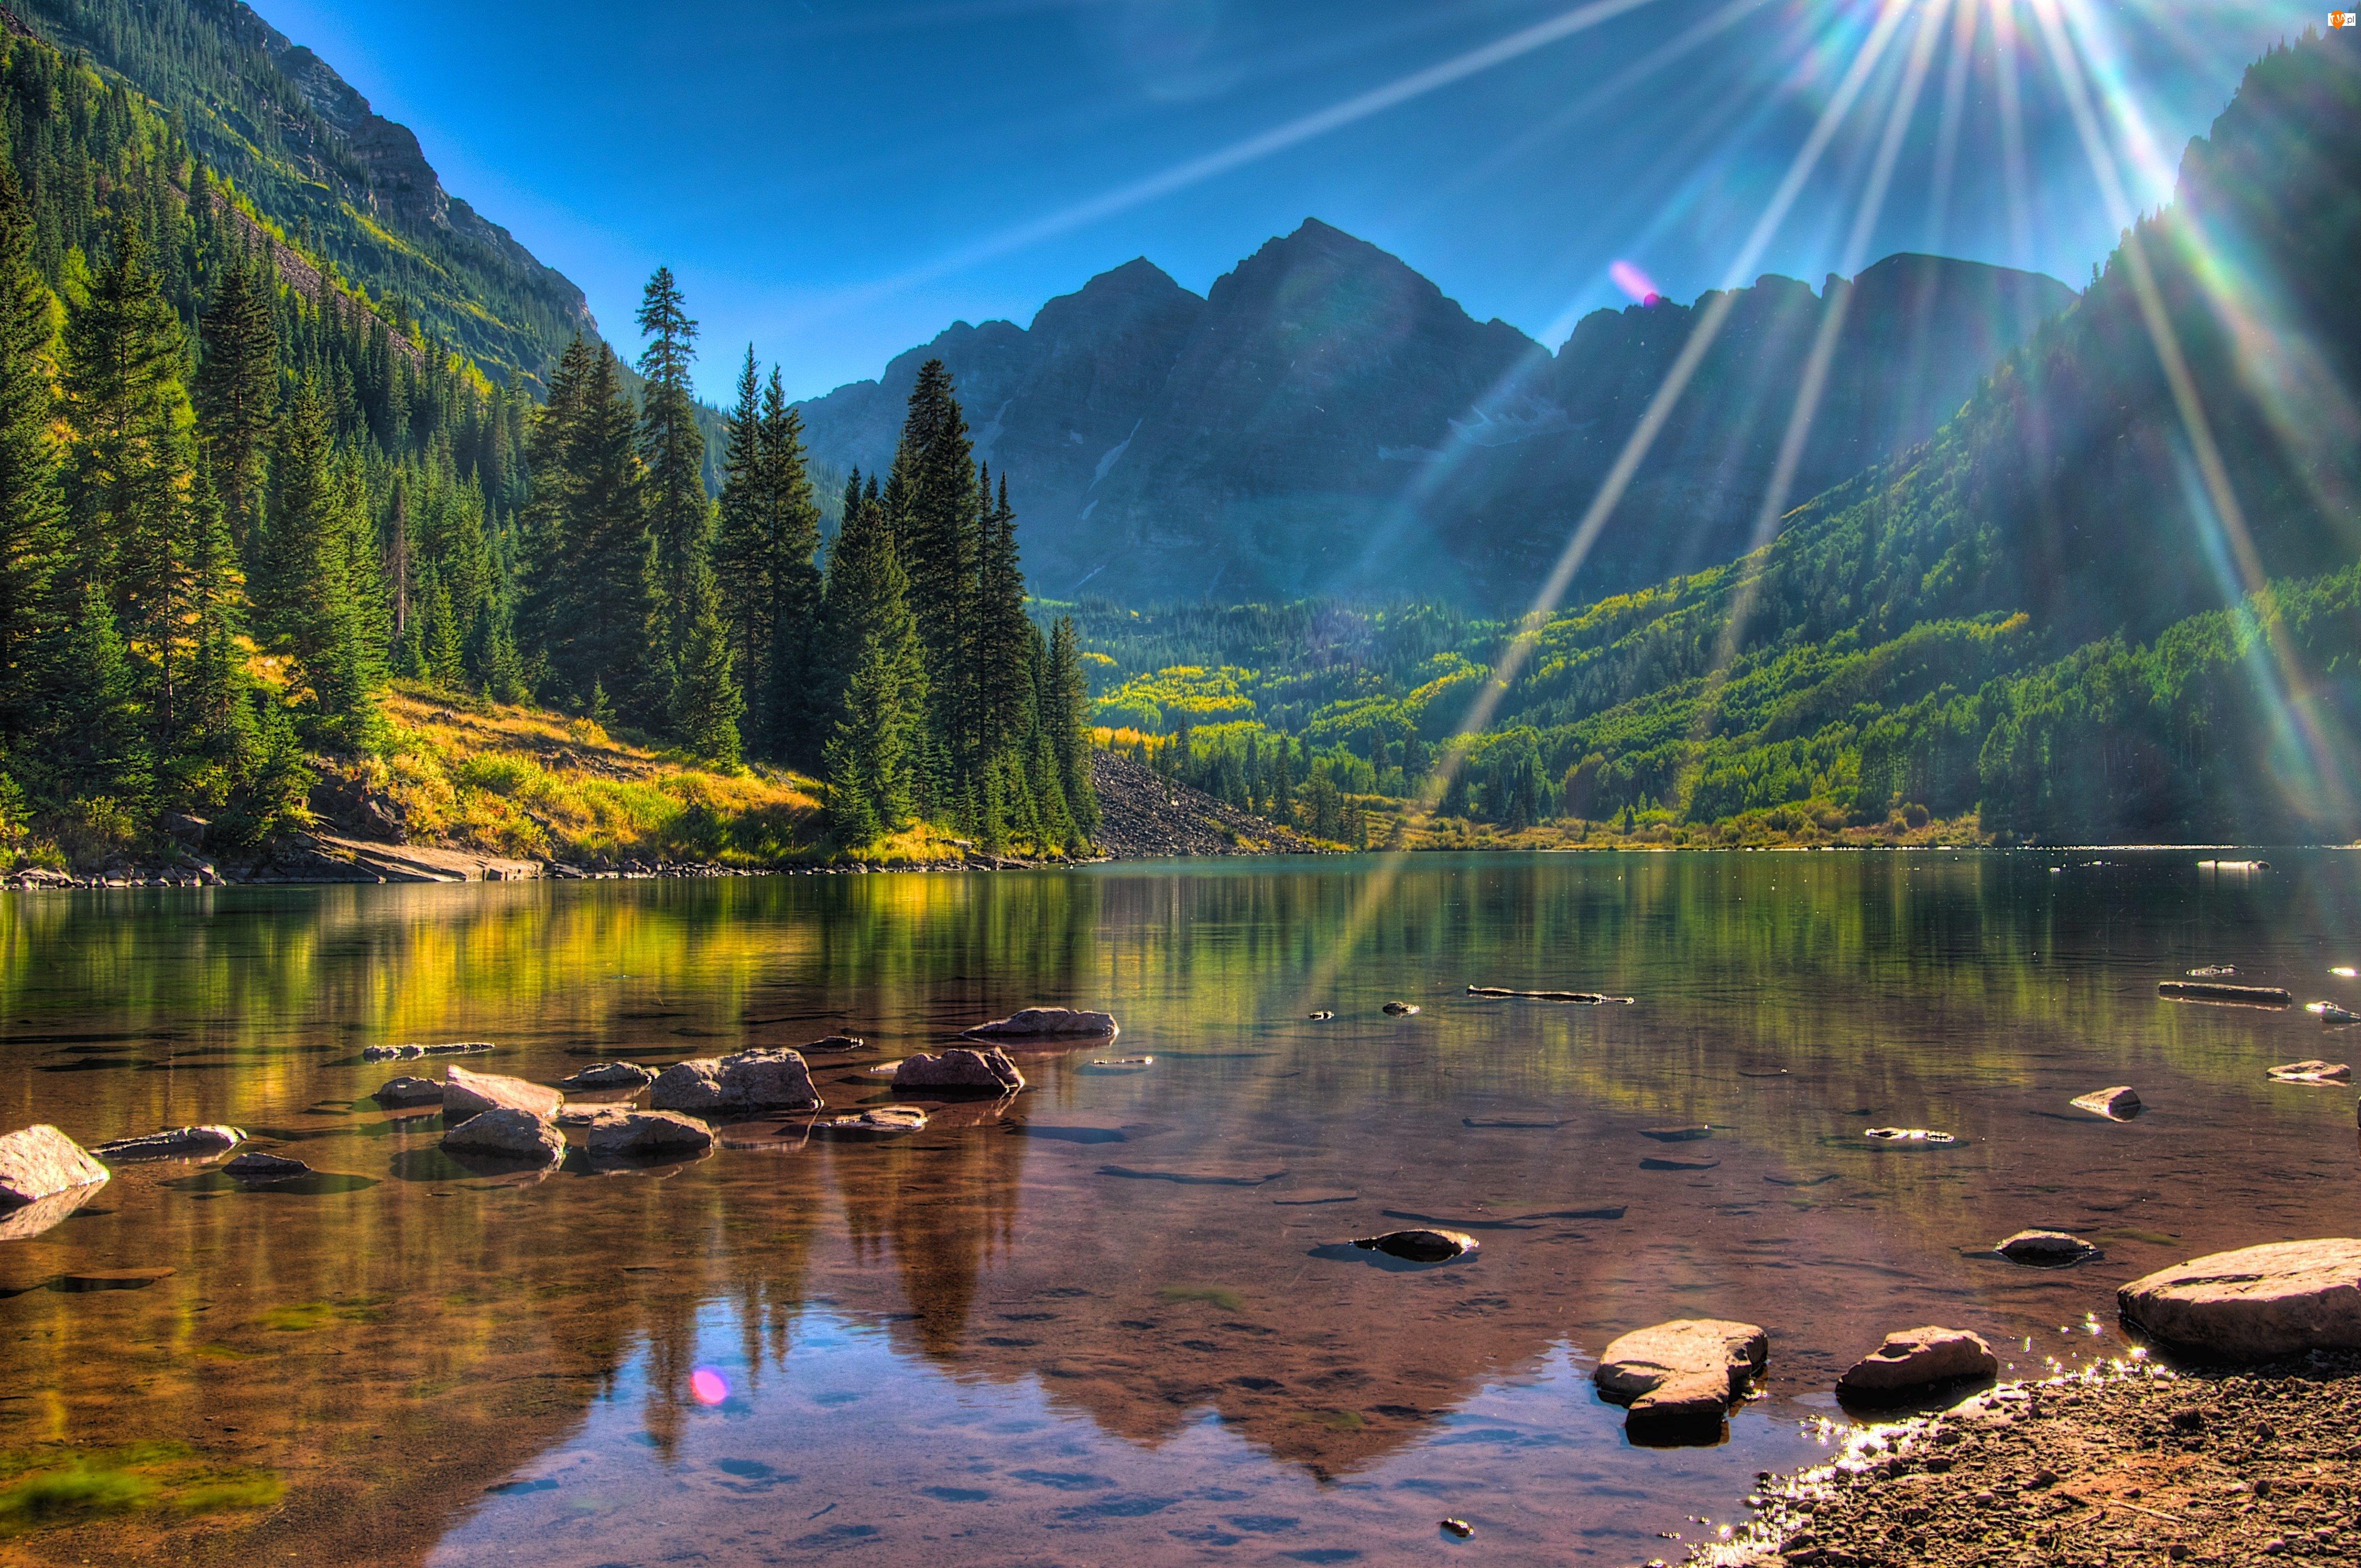 Las, Promienie, Lato, Słońca, Góry, Jezioro